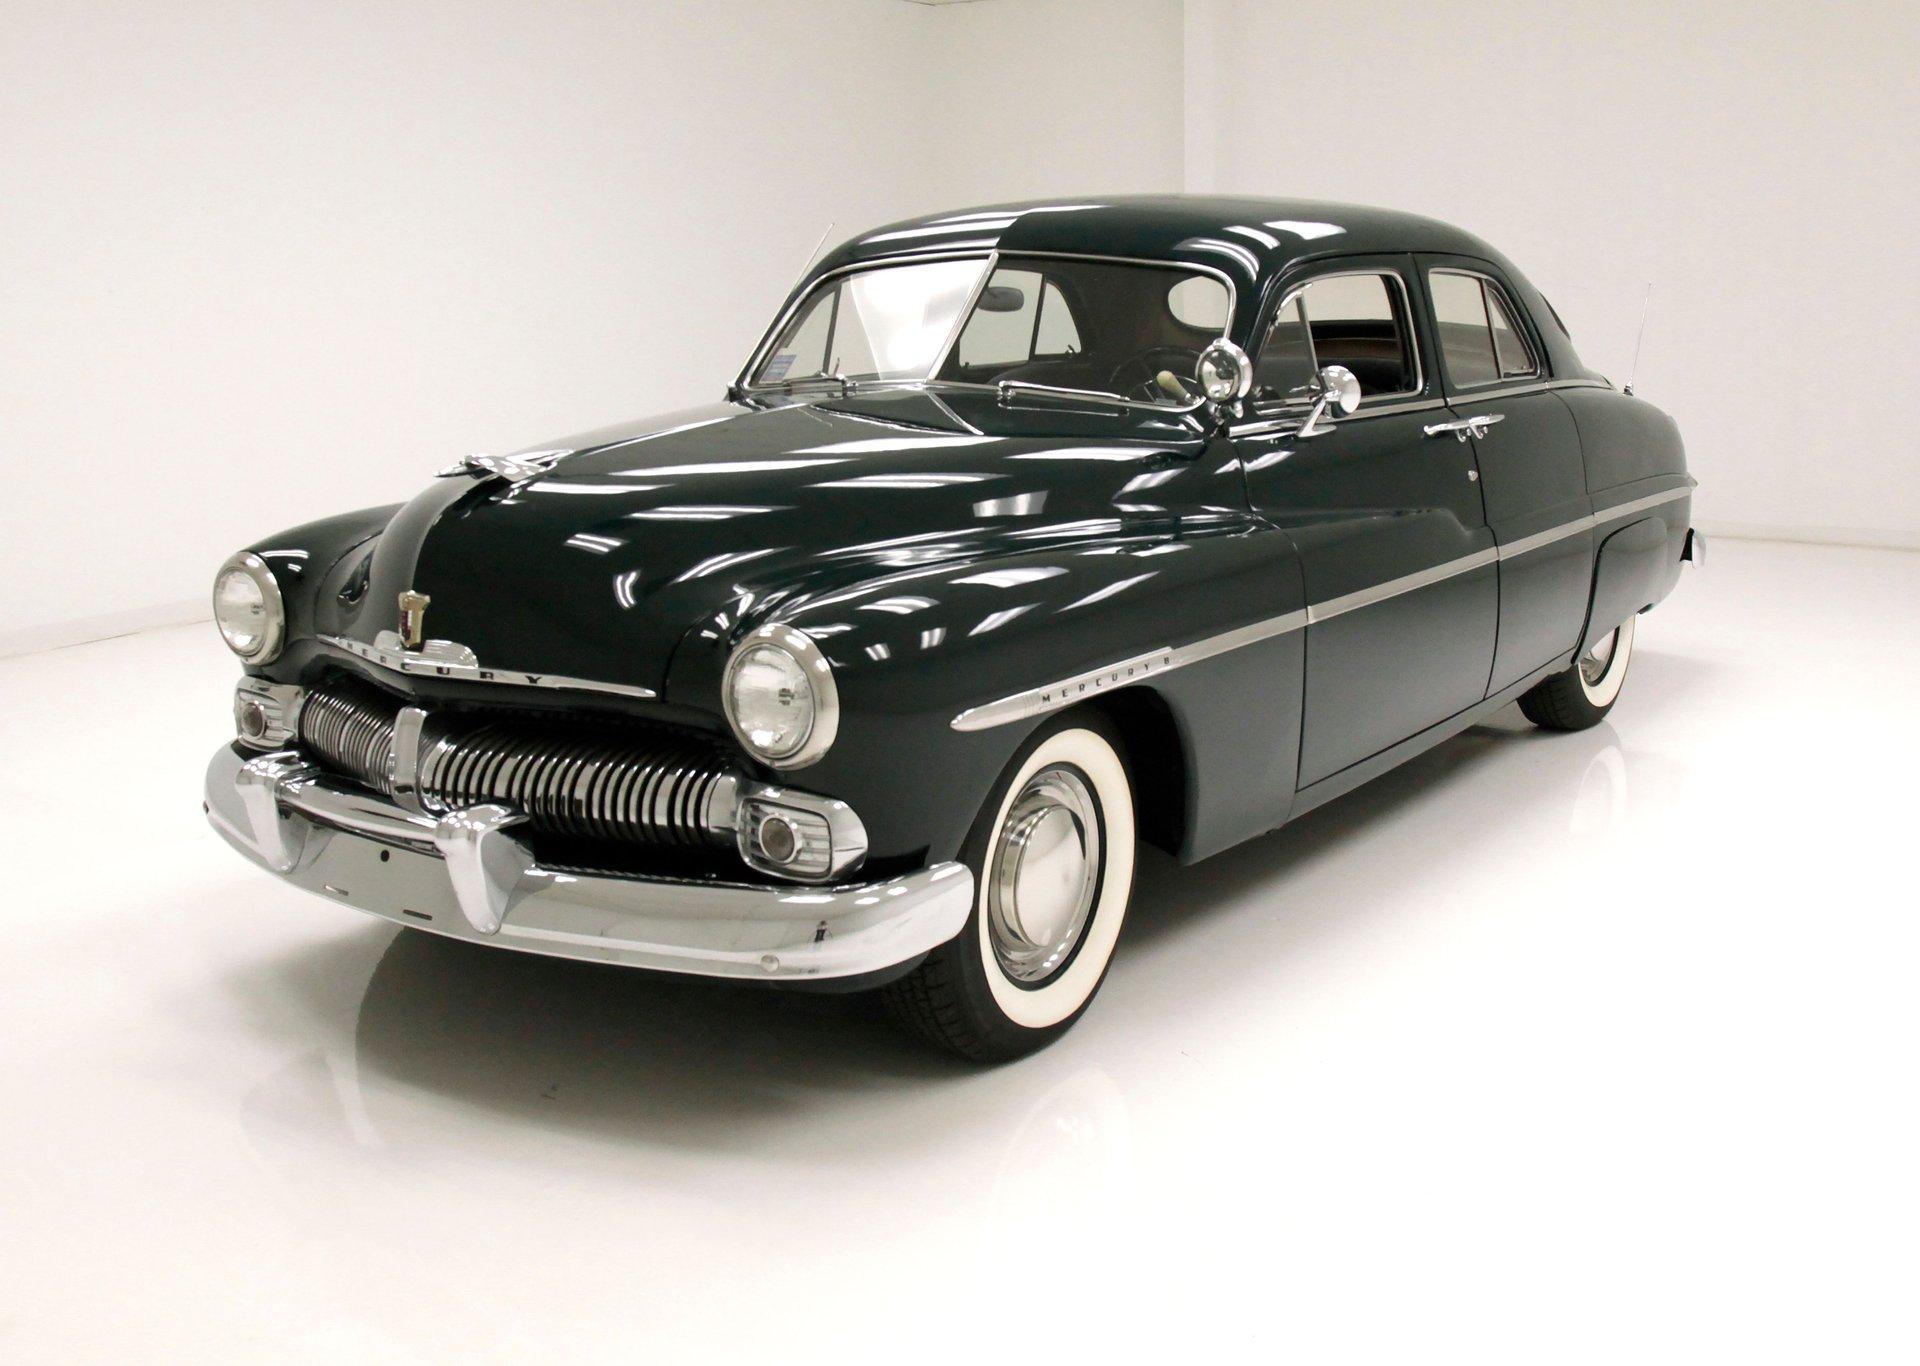 1950 Mercury Sport Sedan